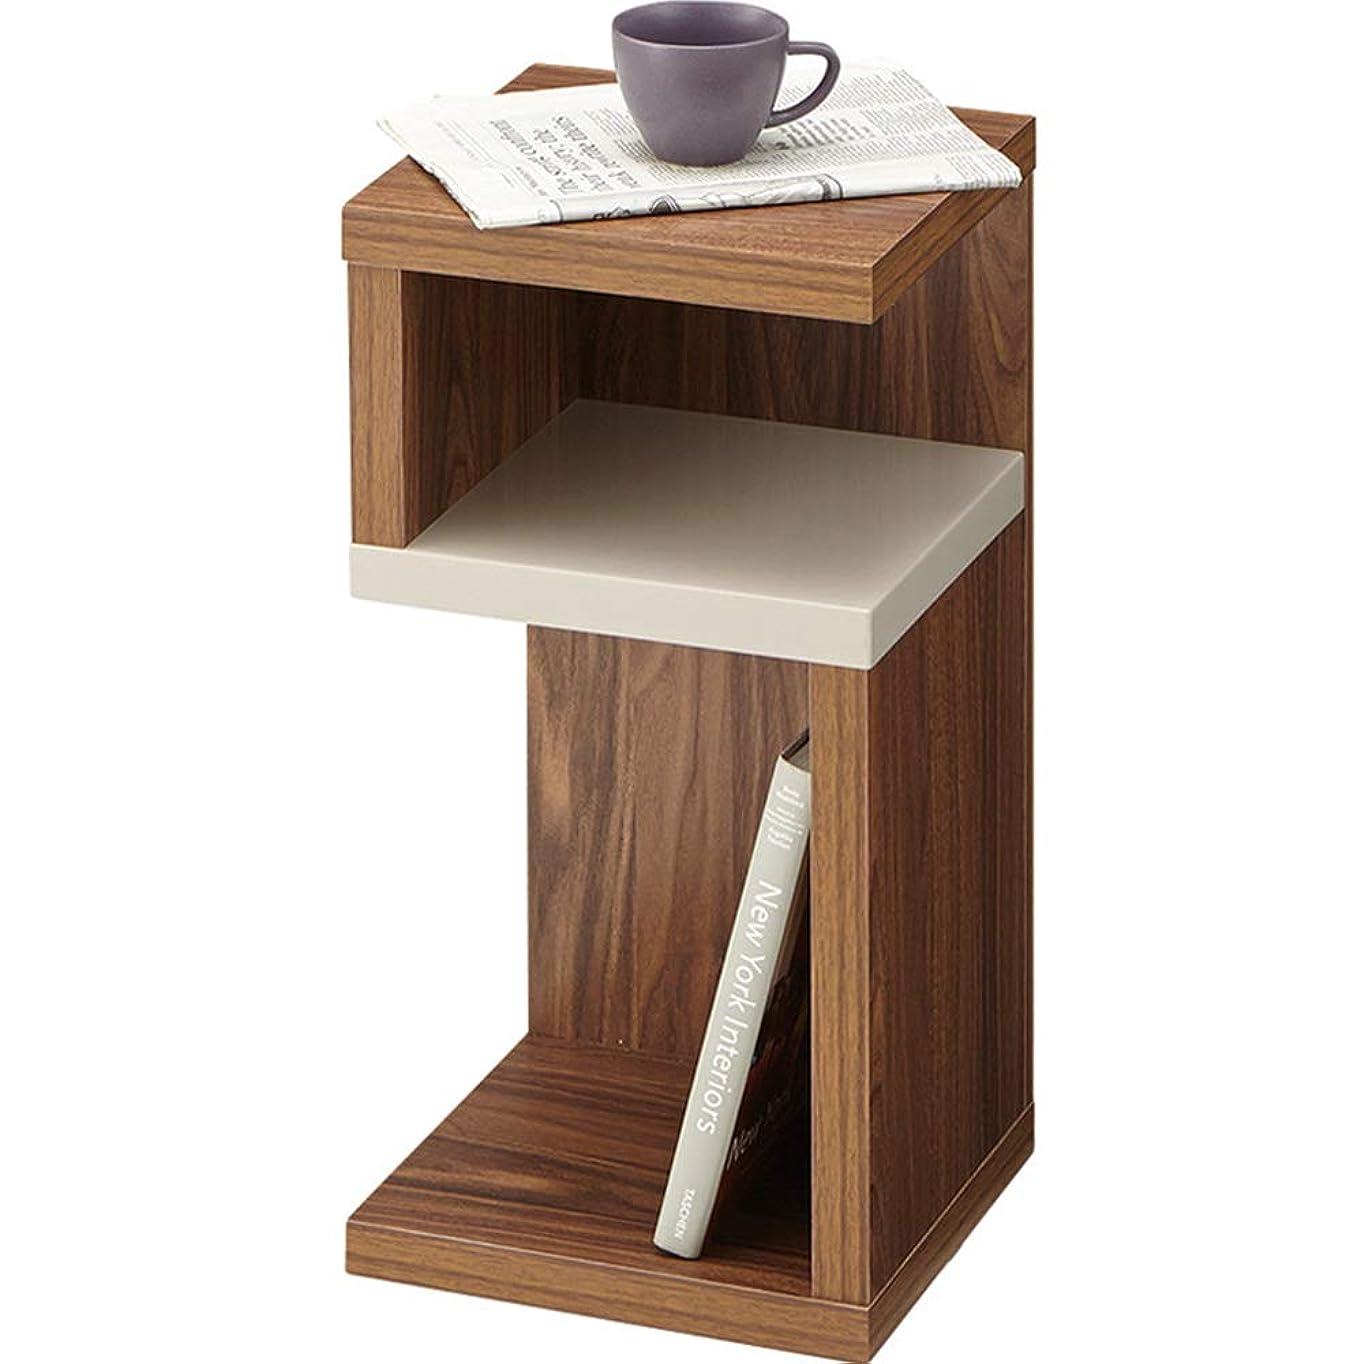 ジョイントリングバックマートZR- ミニサイドテーブルコーヒーテーブルクリエイティブ電話テーブルベッドルームのベッドサイドテーブル3のレイヤーシェルフ28 * 28 * 56CM 家具